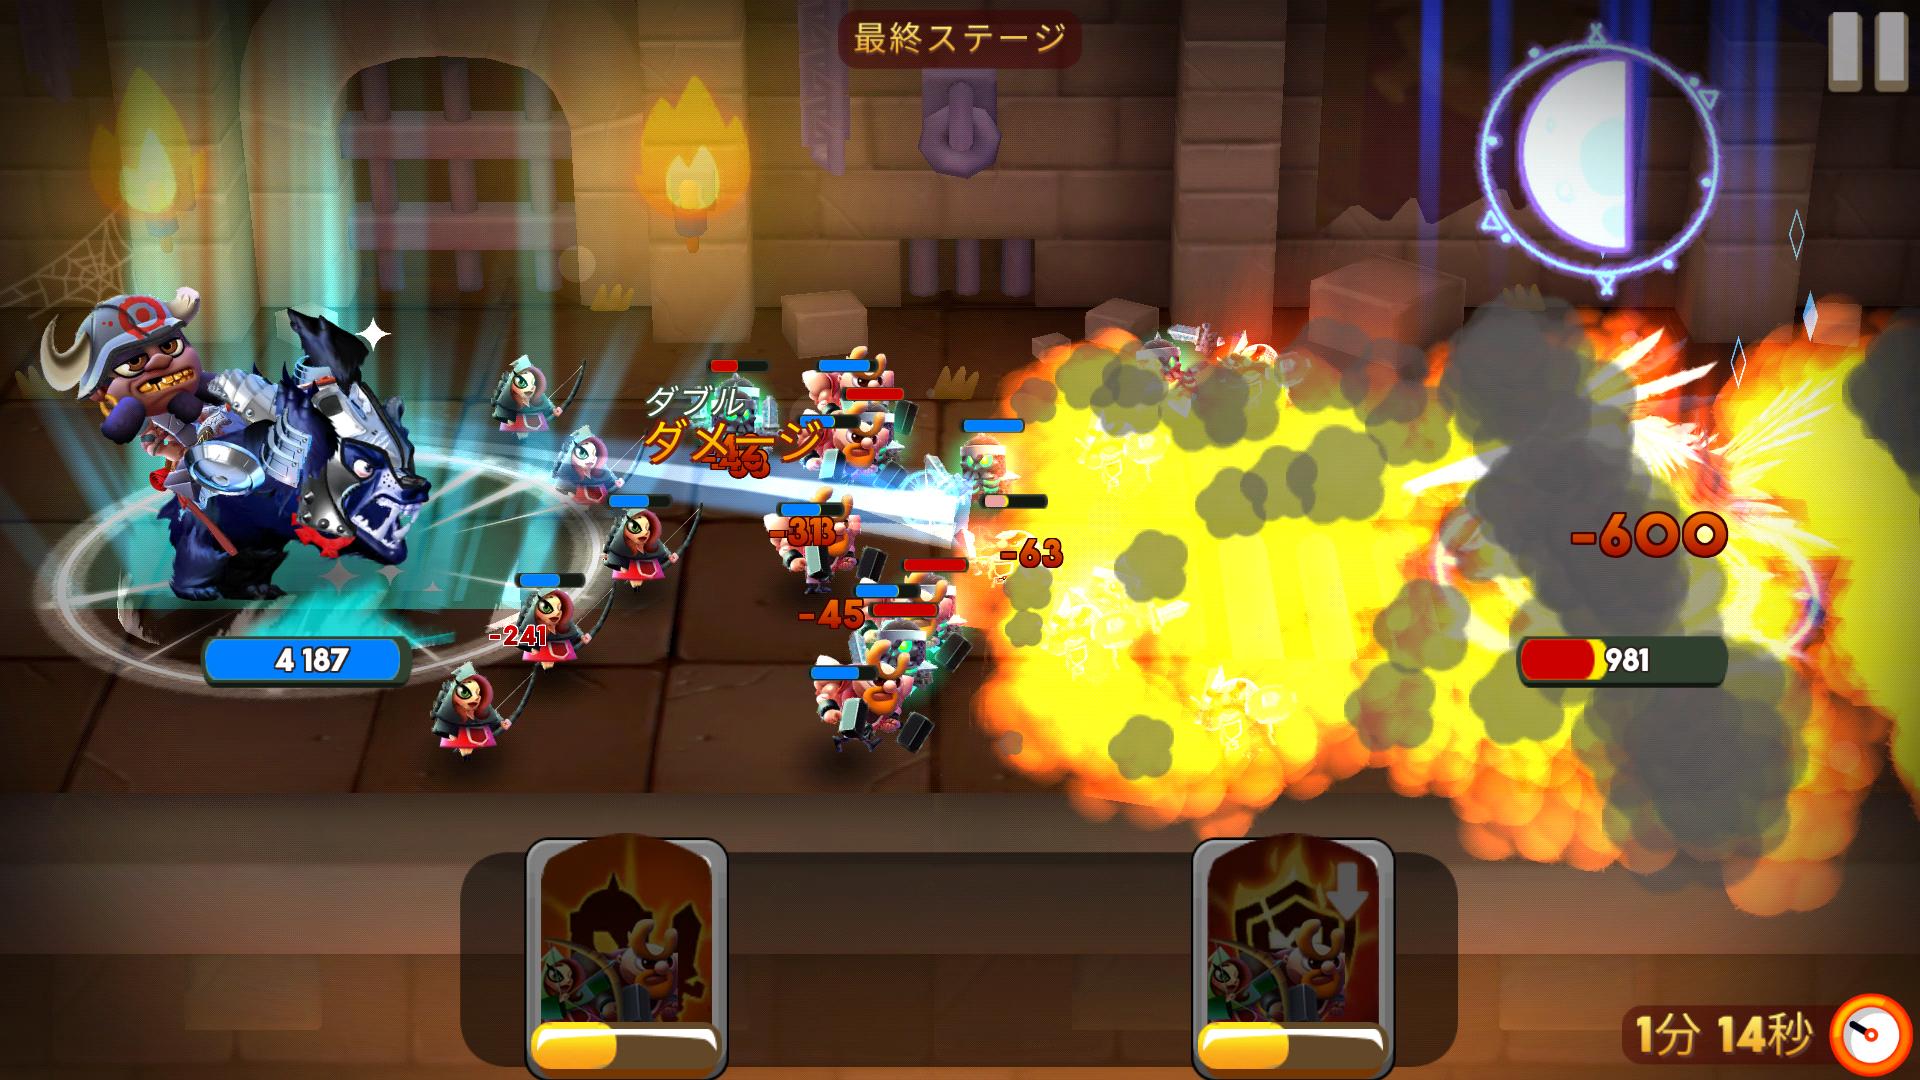 モンスター&コマンダー(Monster & Commander) androidアプリスクリーンショット2